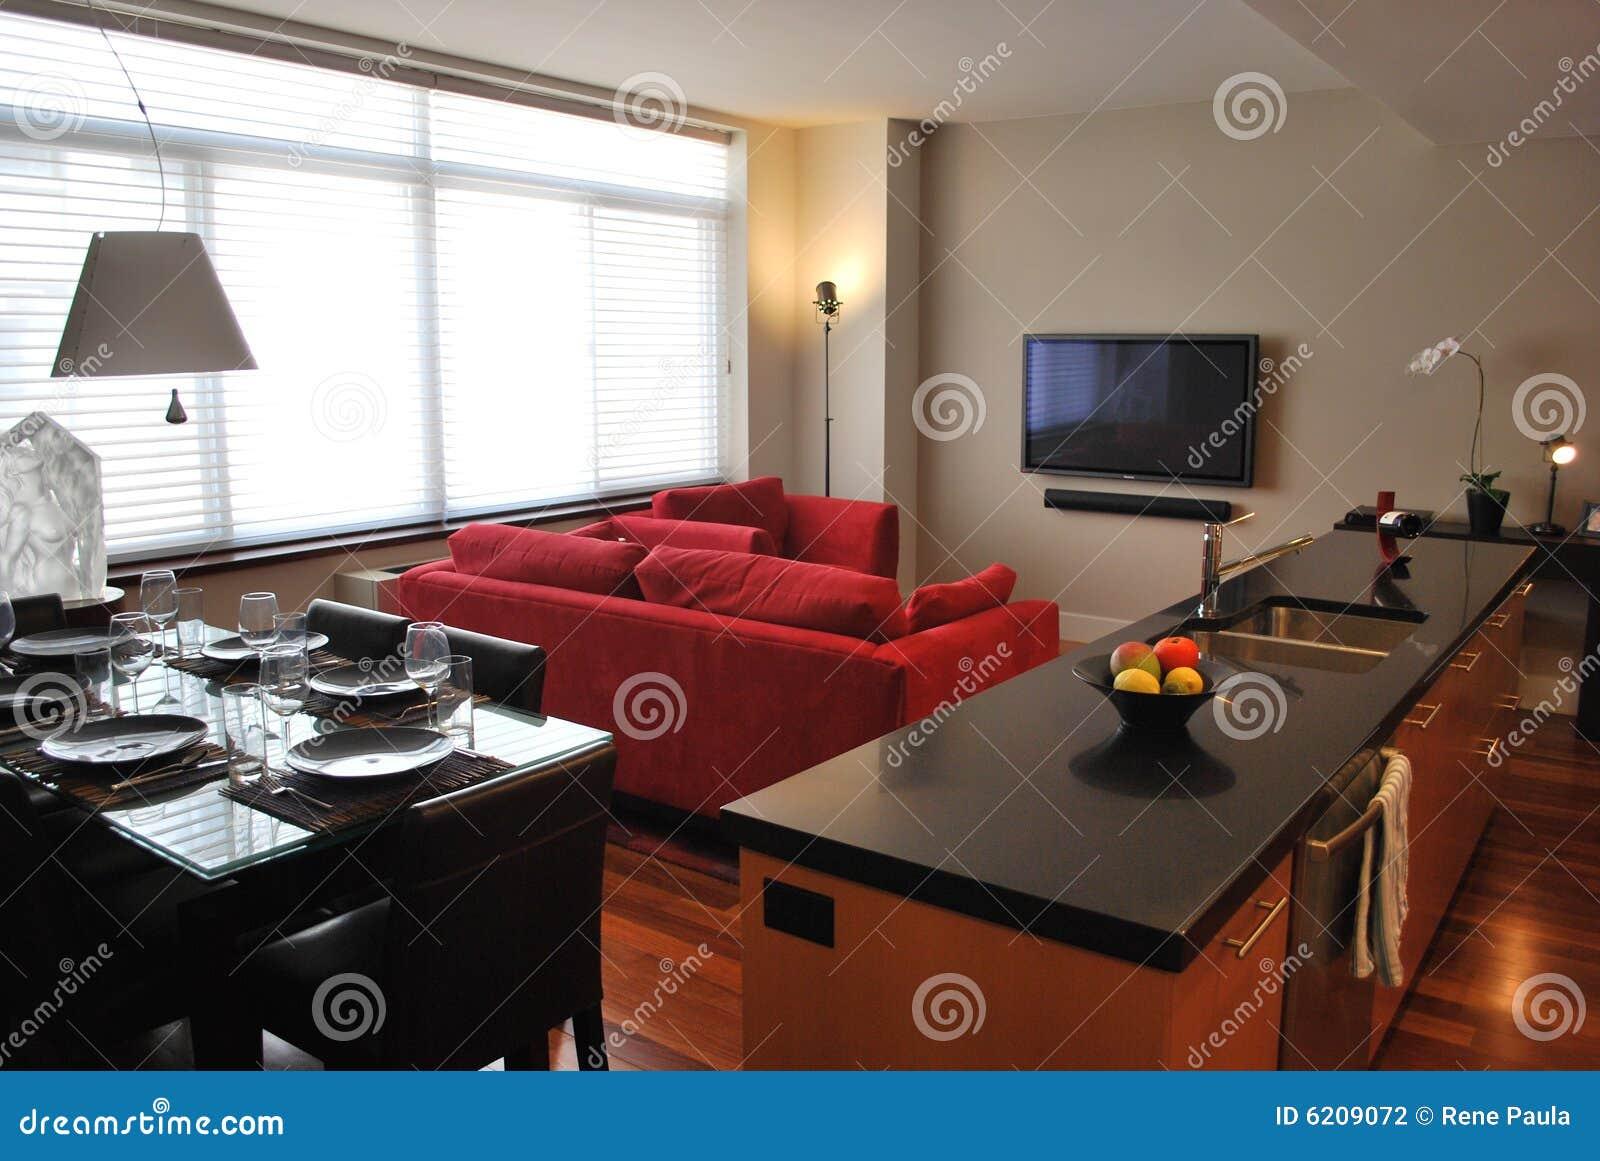 Apartamento Moderno Com Cozinha Aberta Vida Jantando